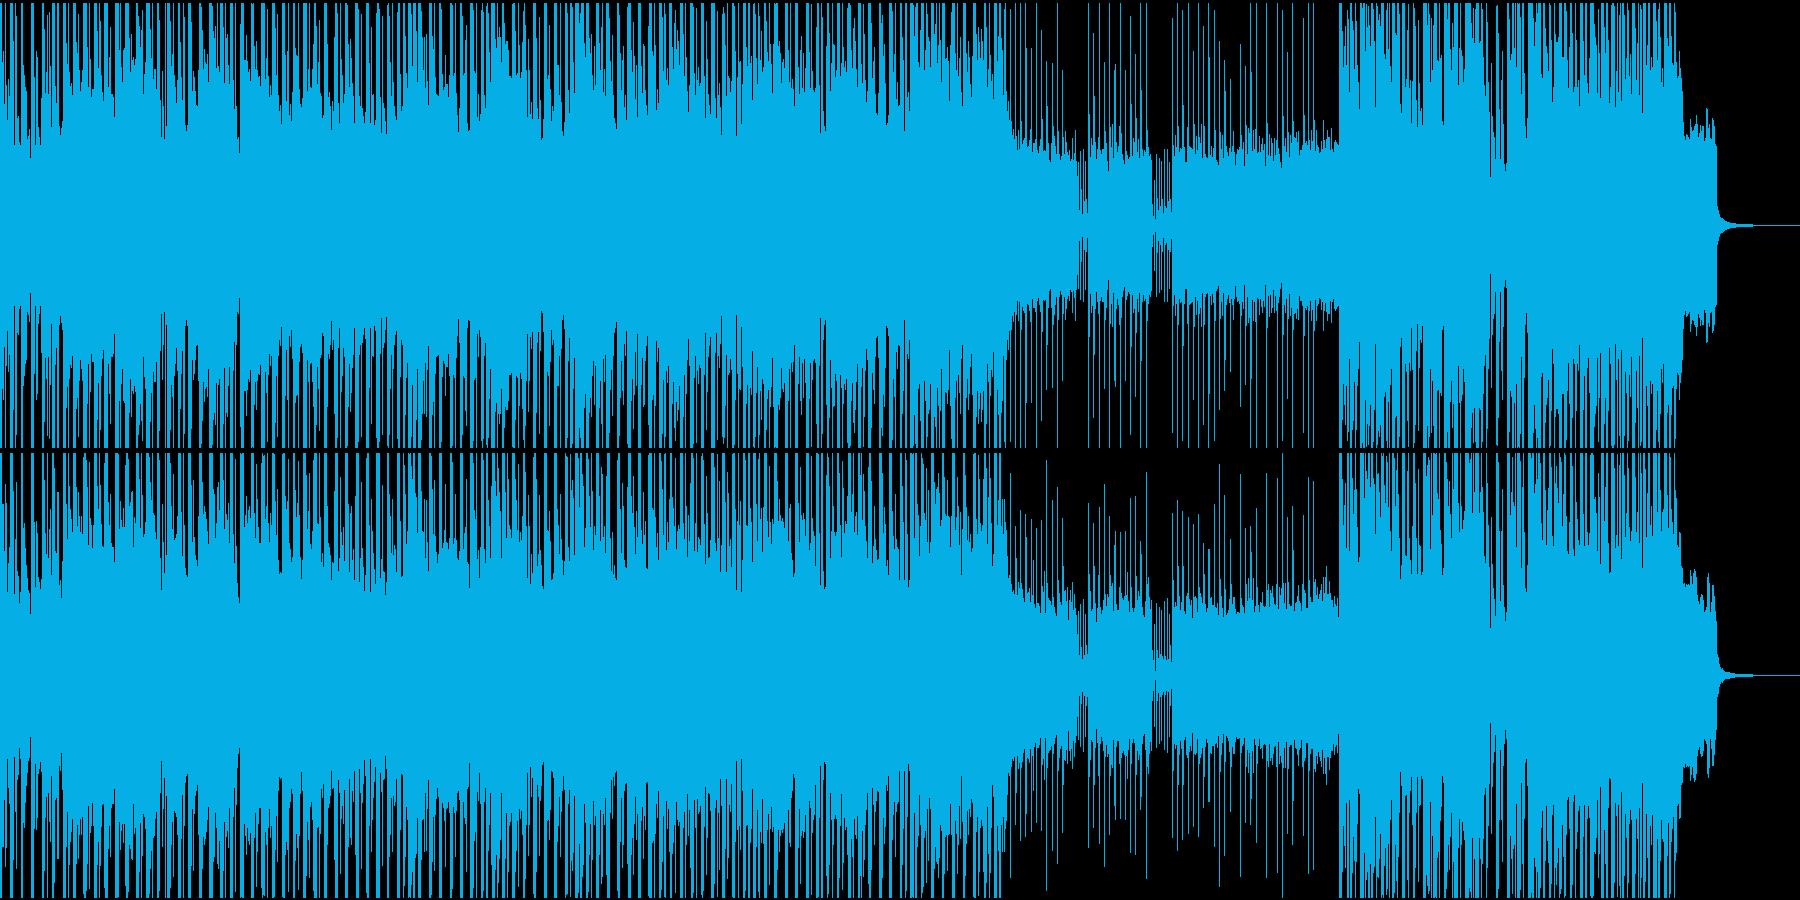 三味線とギターによるアグレッシブな曲の再生済みの波形